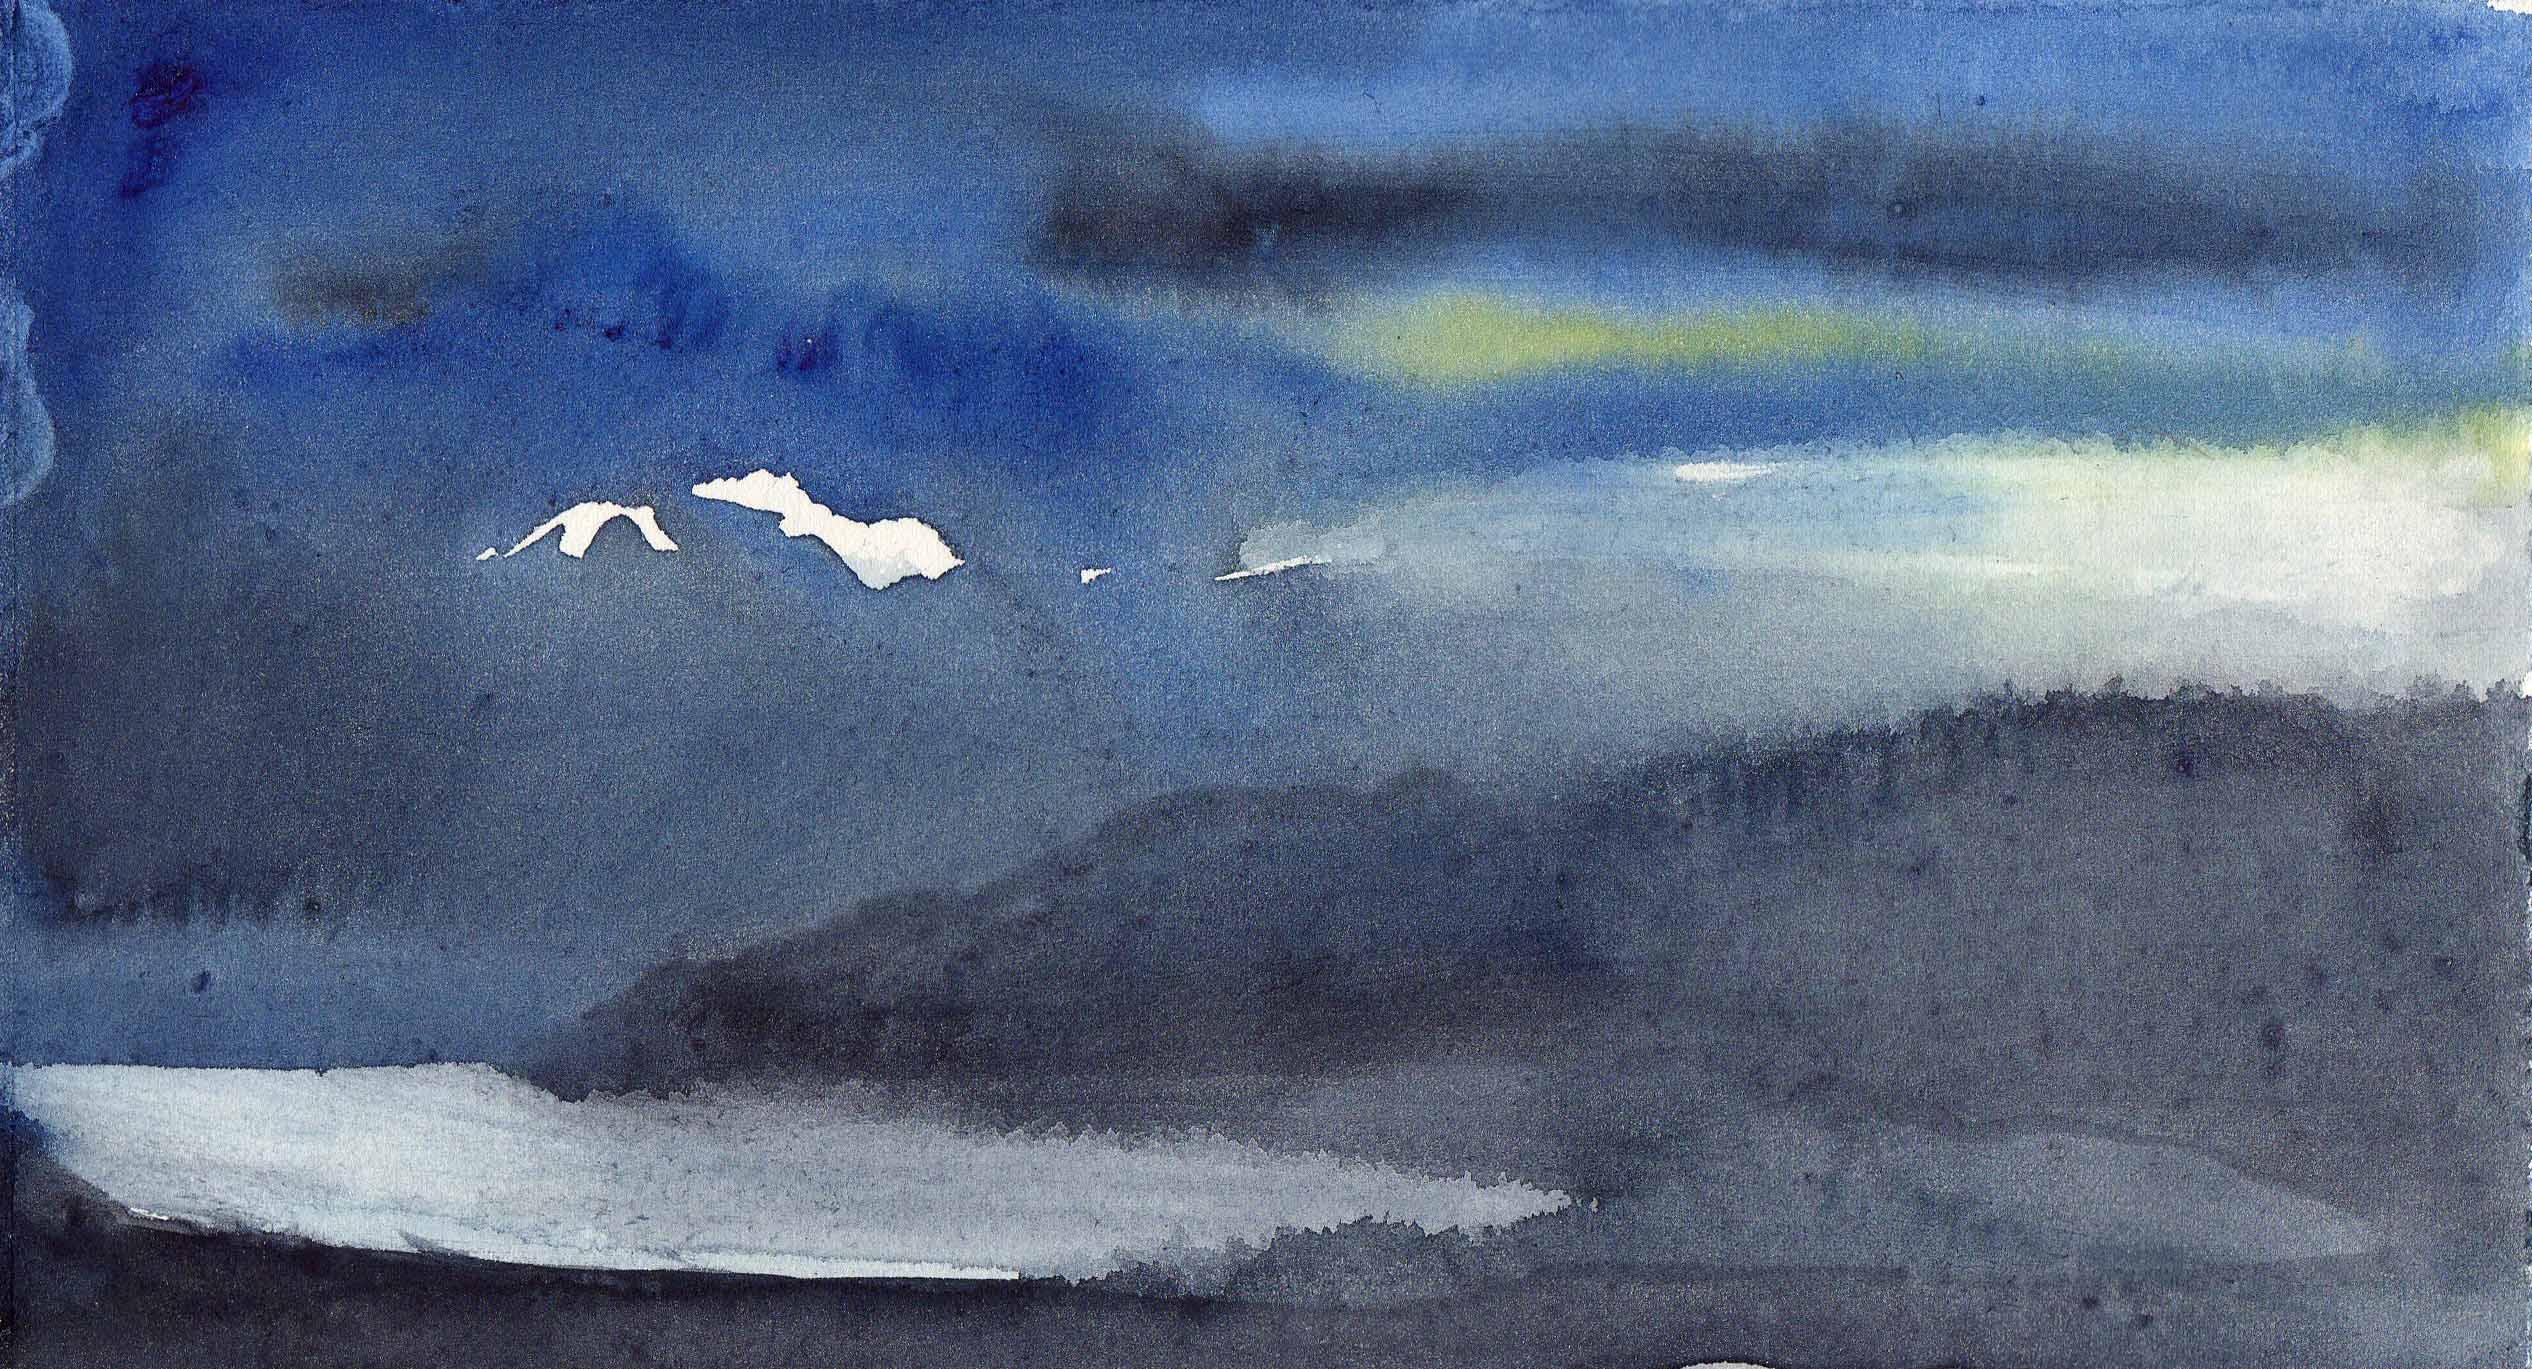 Seascape Sketch by Kyra Cane